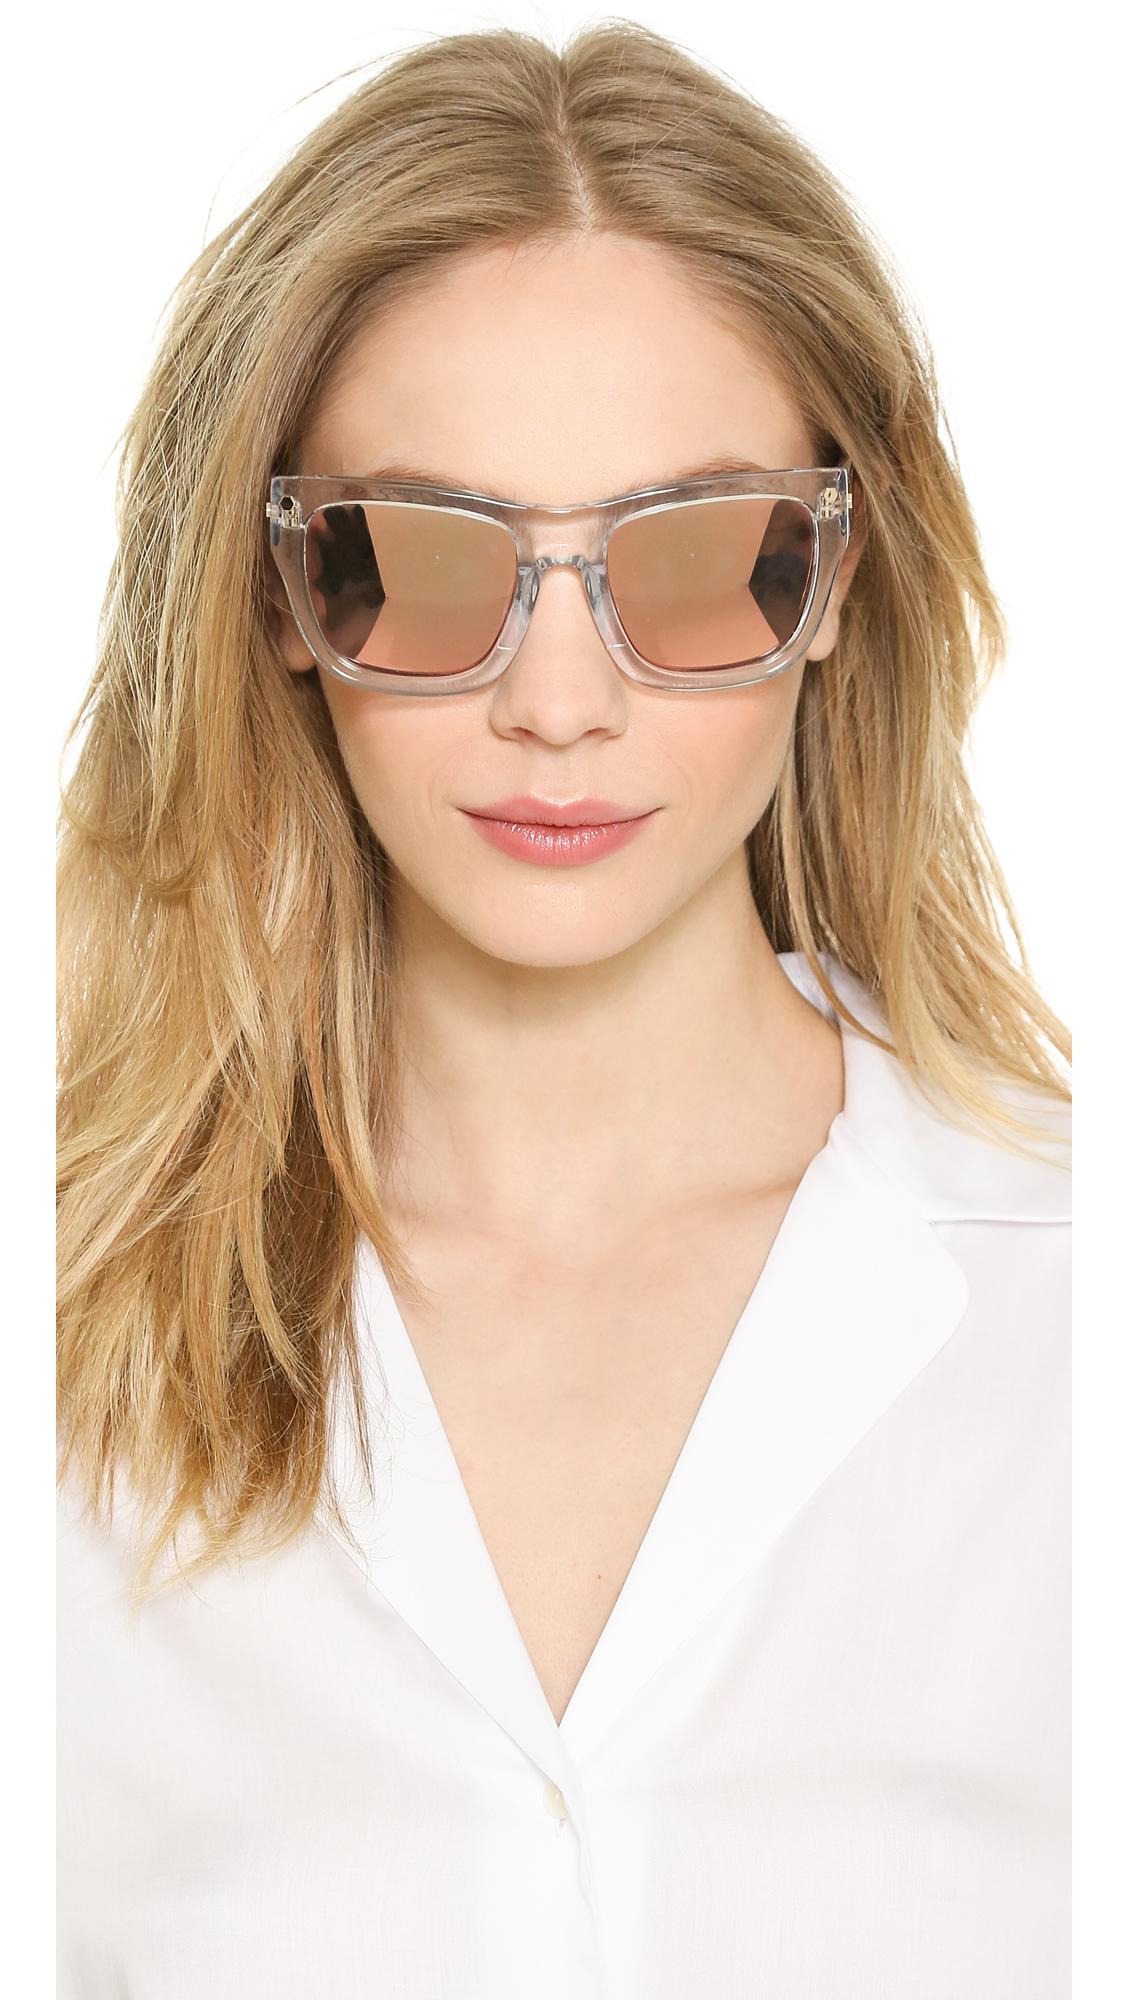 Matthew Williamson cat eye mirrored sunglasses Fake Buy Cheap Low Price i5nGxh